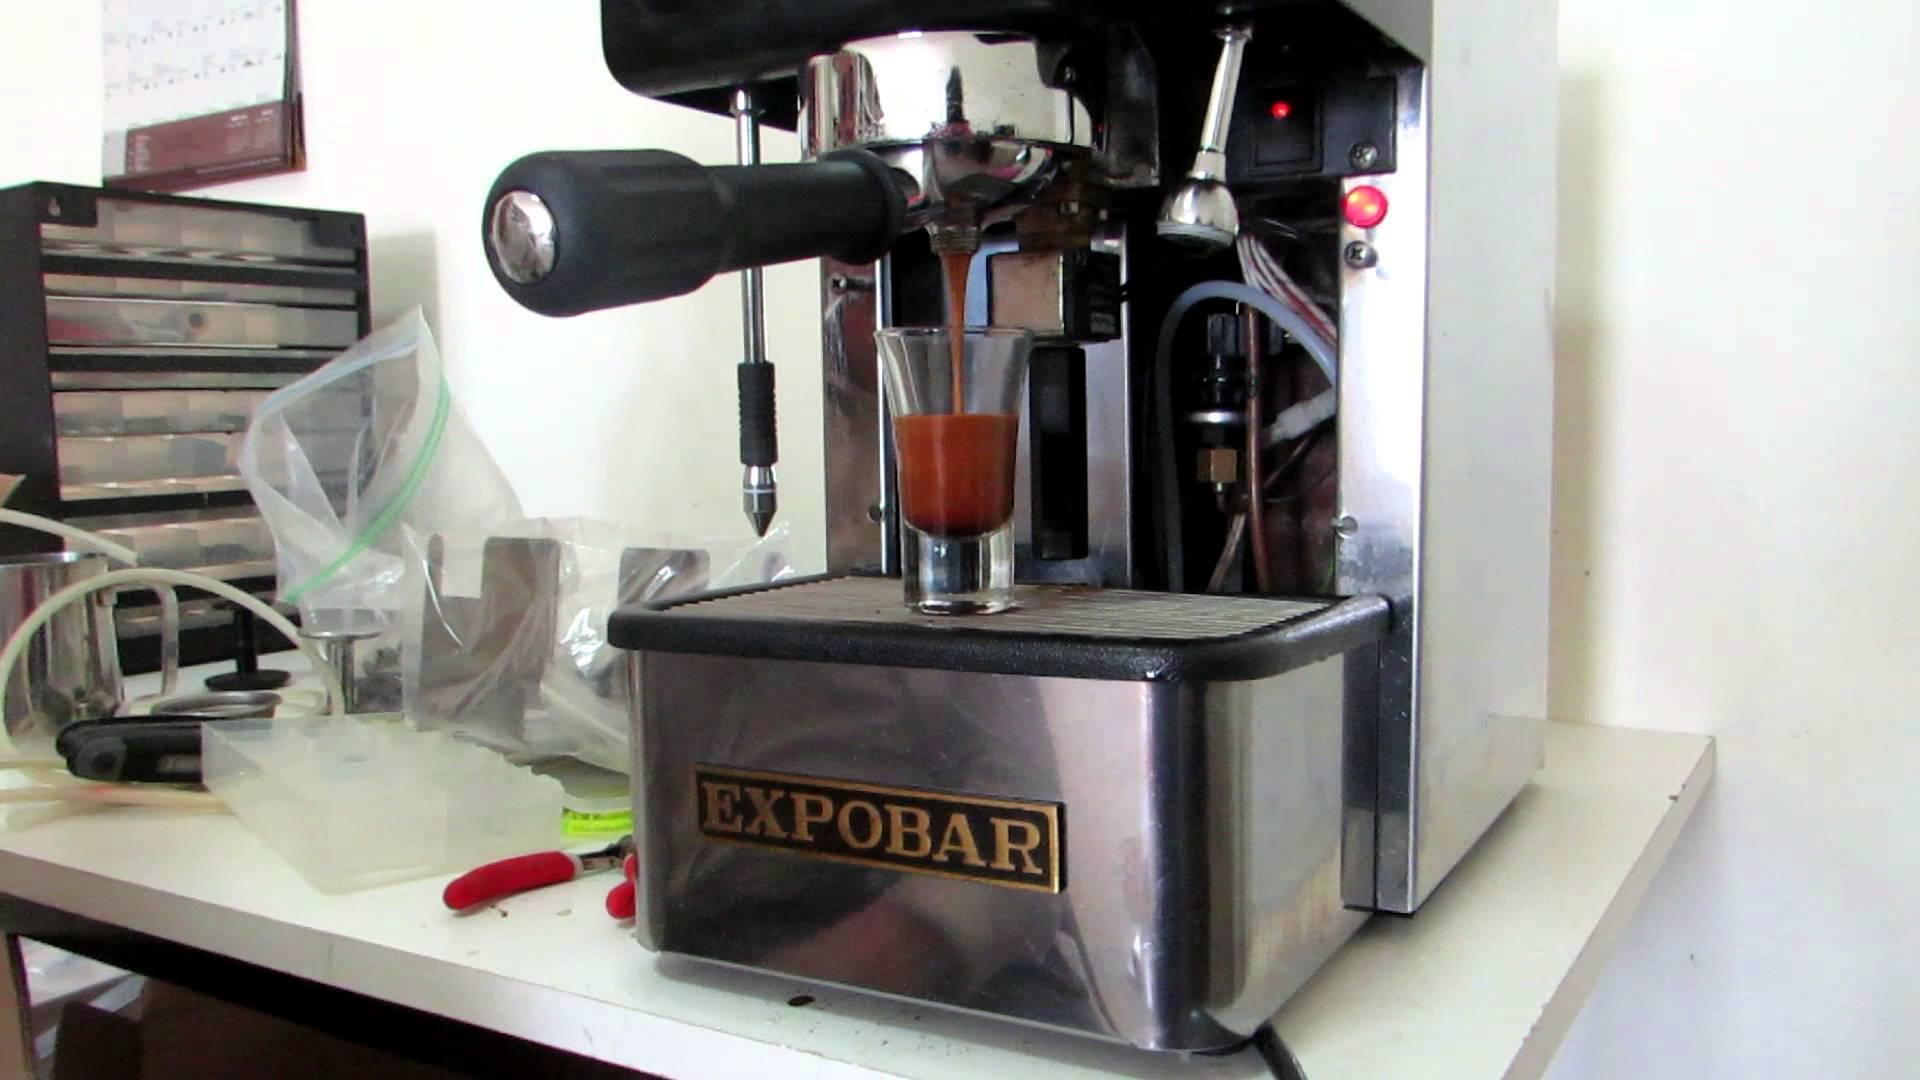 expobar espresso machine